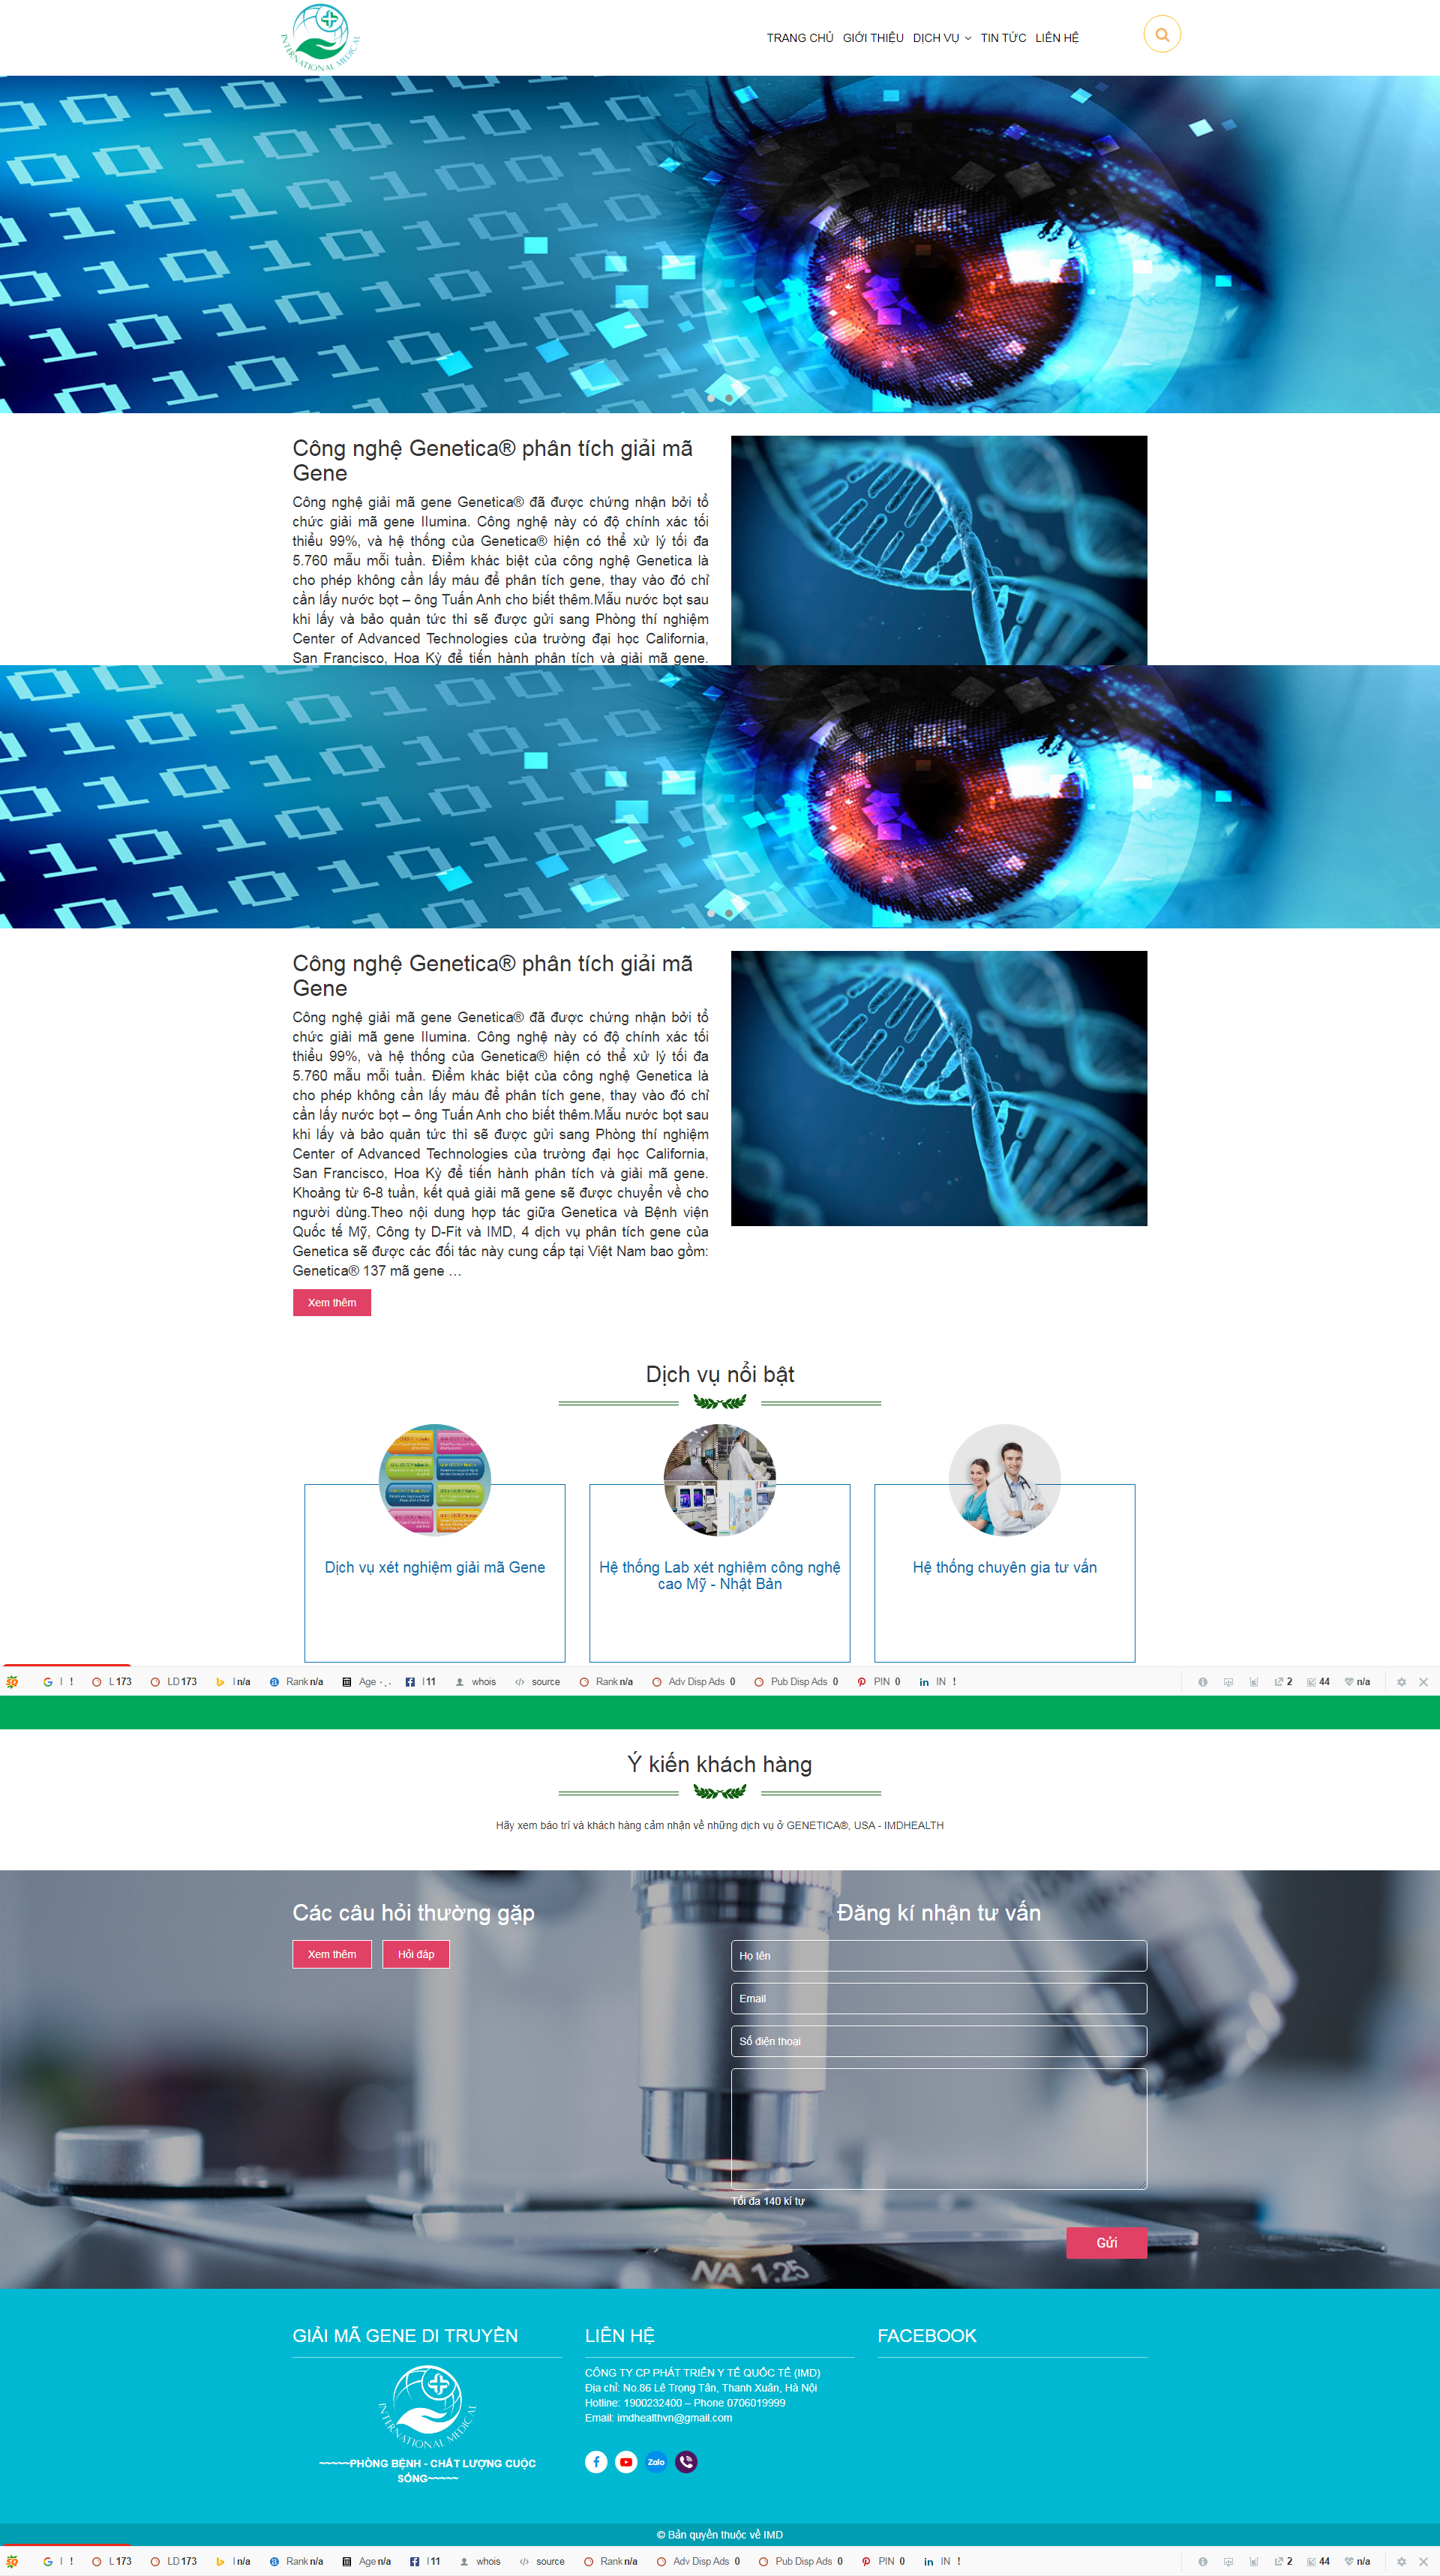 Web giải mã gene